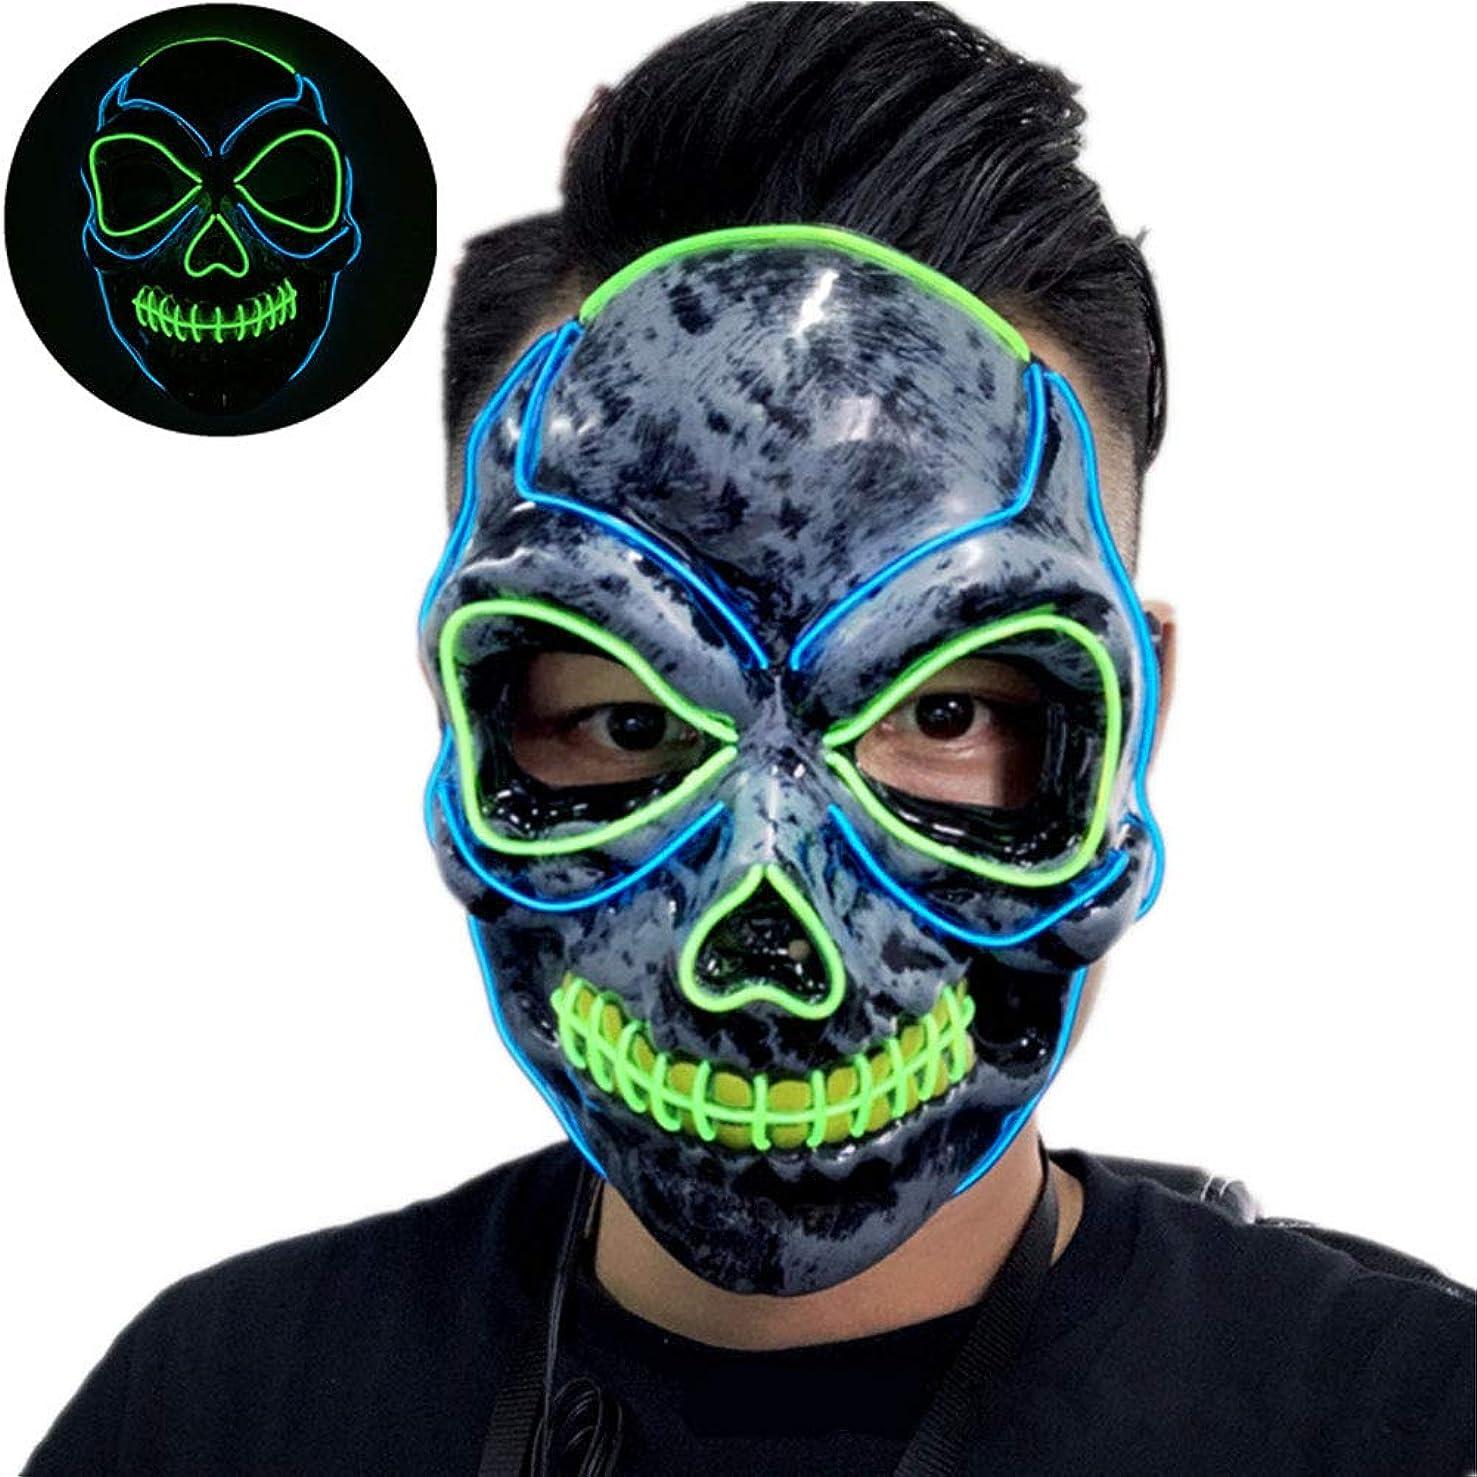 針収入がっかりするハロウィーンマスク、しかめっ面、テーマパーティー、カーニバル、ハロウィーン、レイブパーティー、クリスマスなどに適しています。